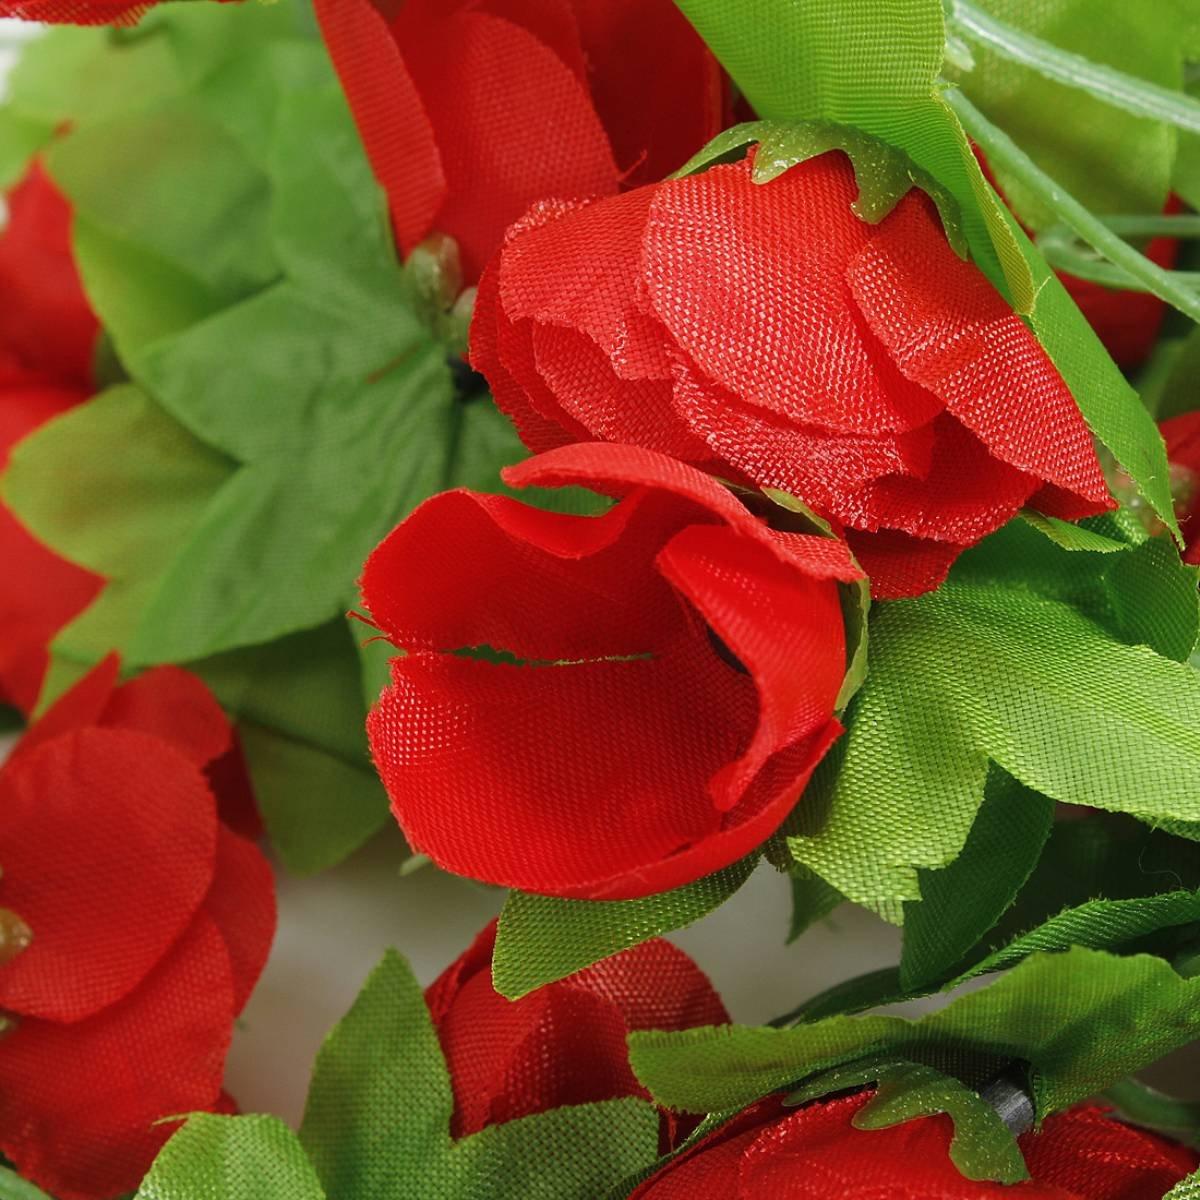 kuenstliche blumen blumengirlande rosengirlande garland wand home party gar c2e3 ebay. Black Bedroom Furniture Sets. Home Design Ideas